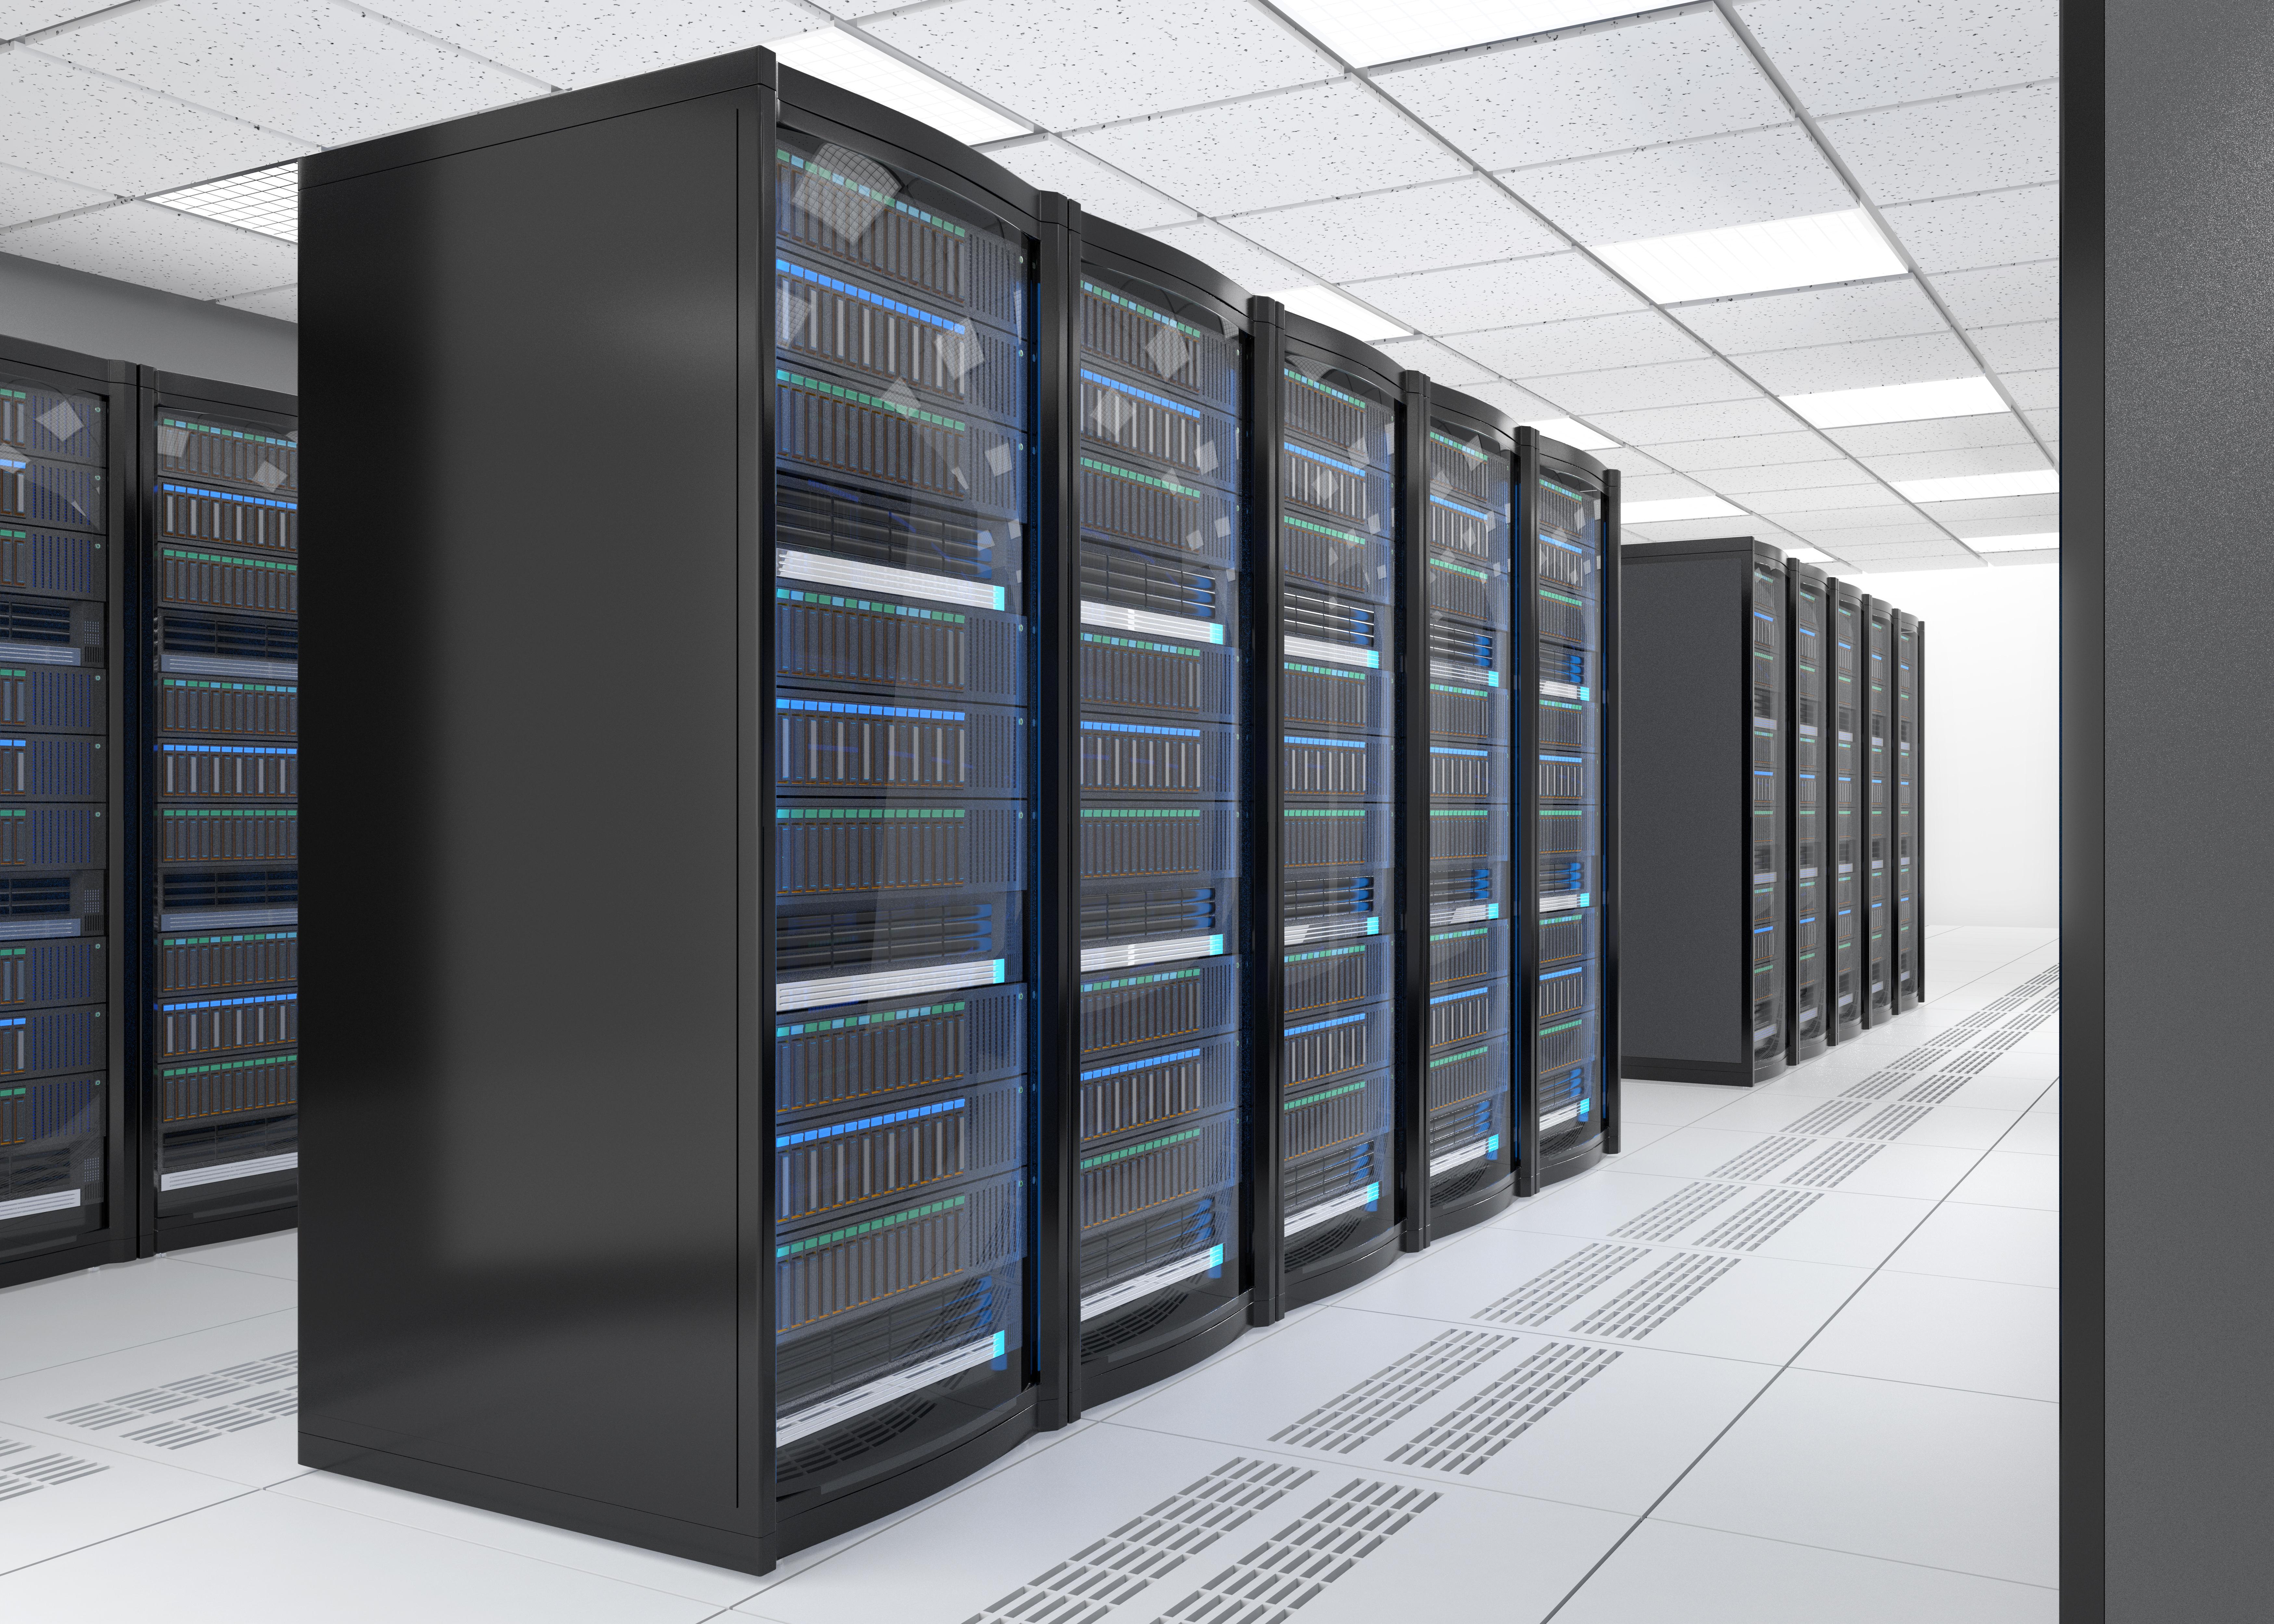 コンピューターシステム(サーバー室)